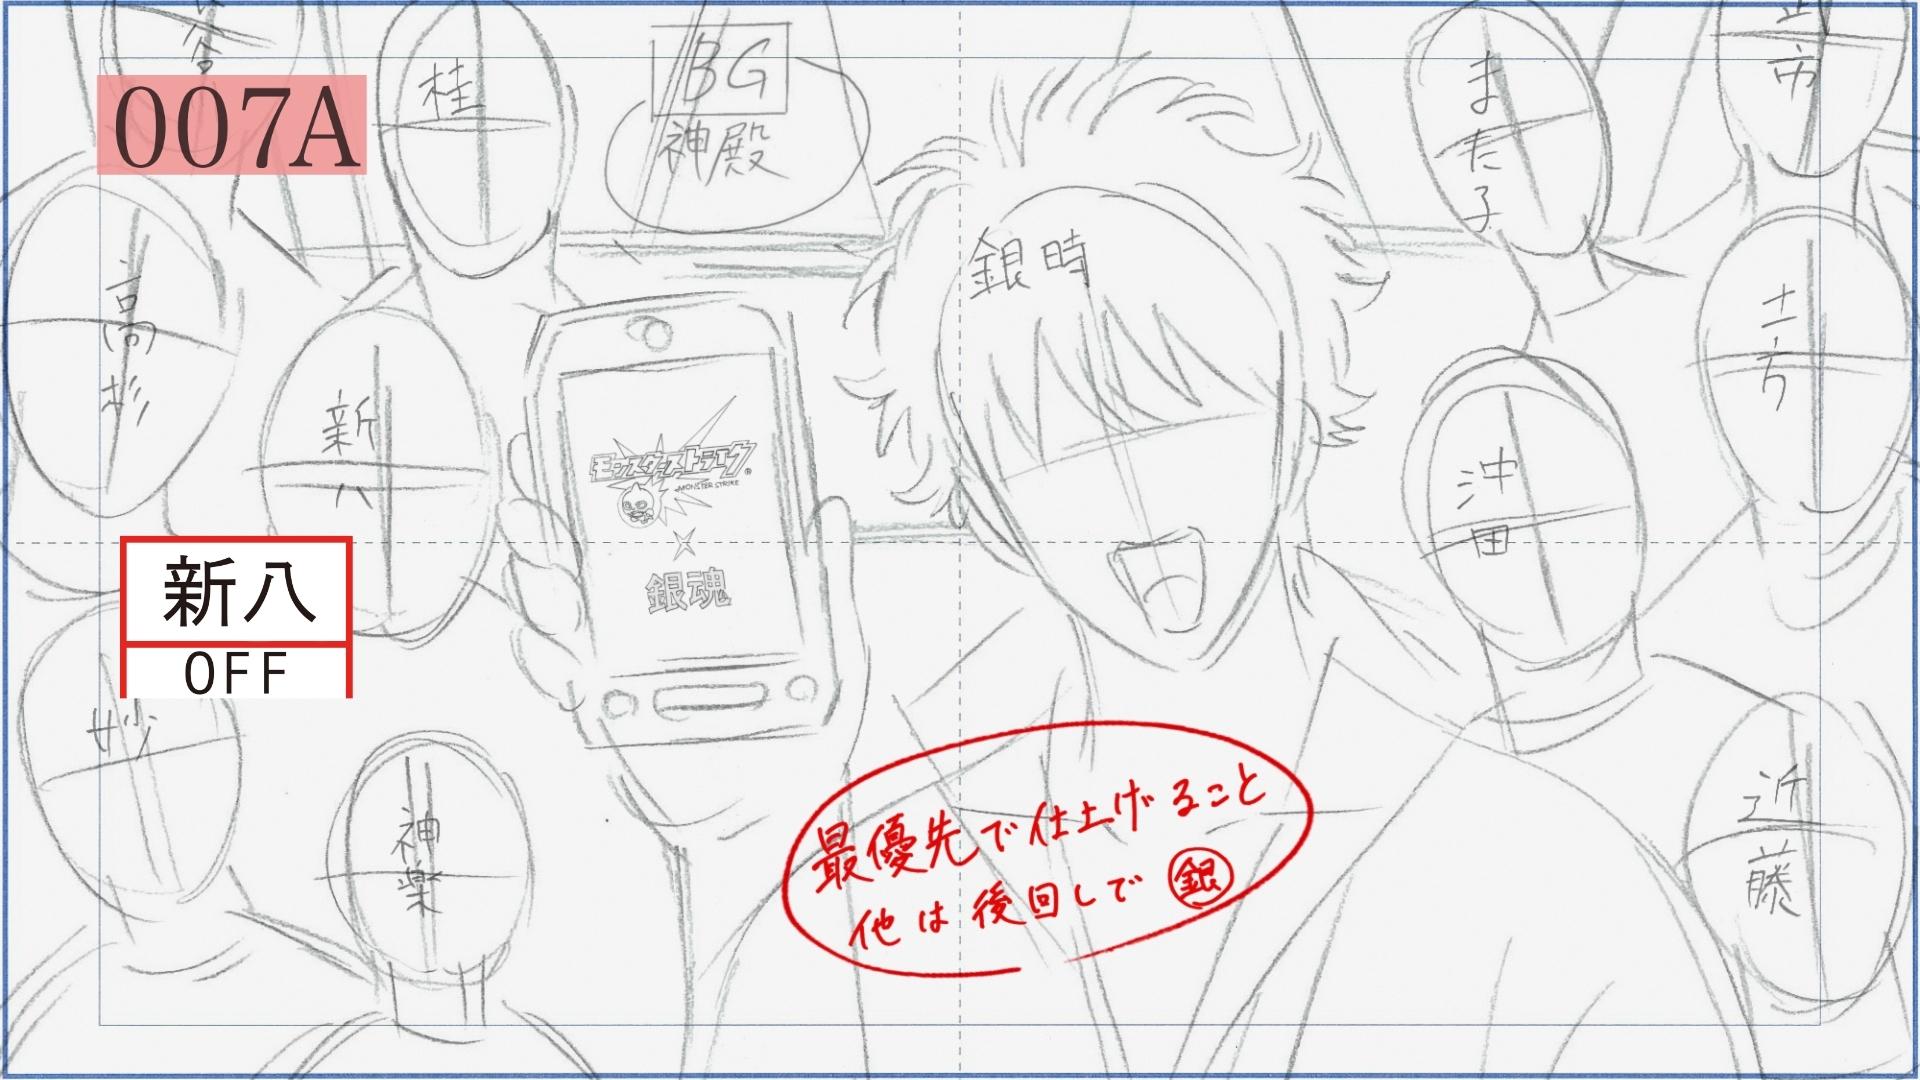 TVアニメ『銀魂』と『モンスト』のコラボ第2弾CMより